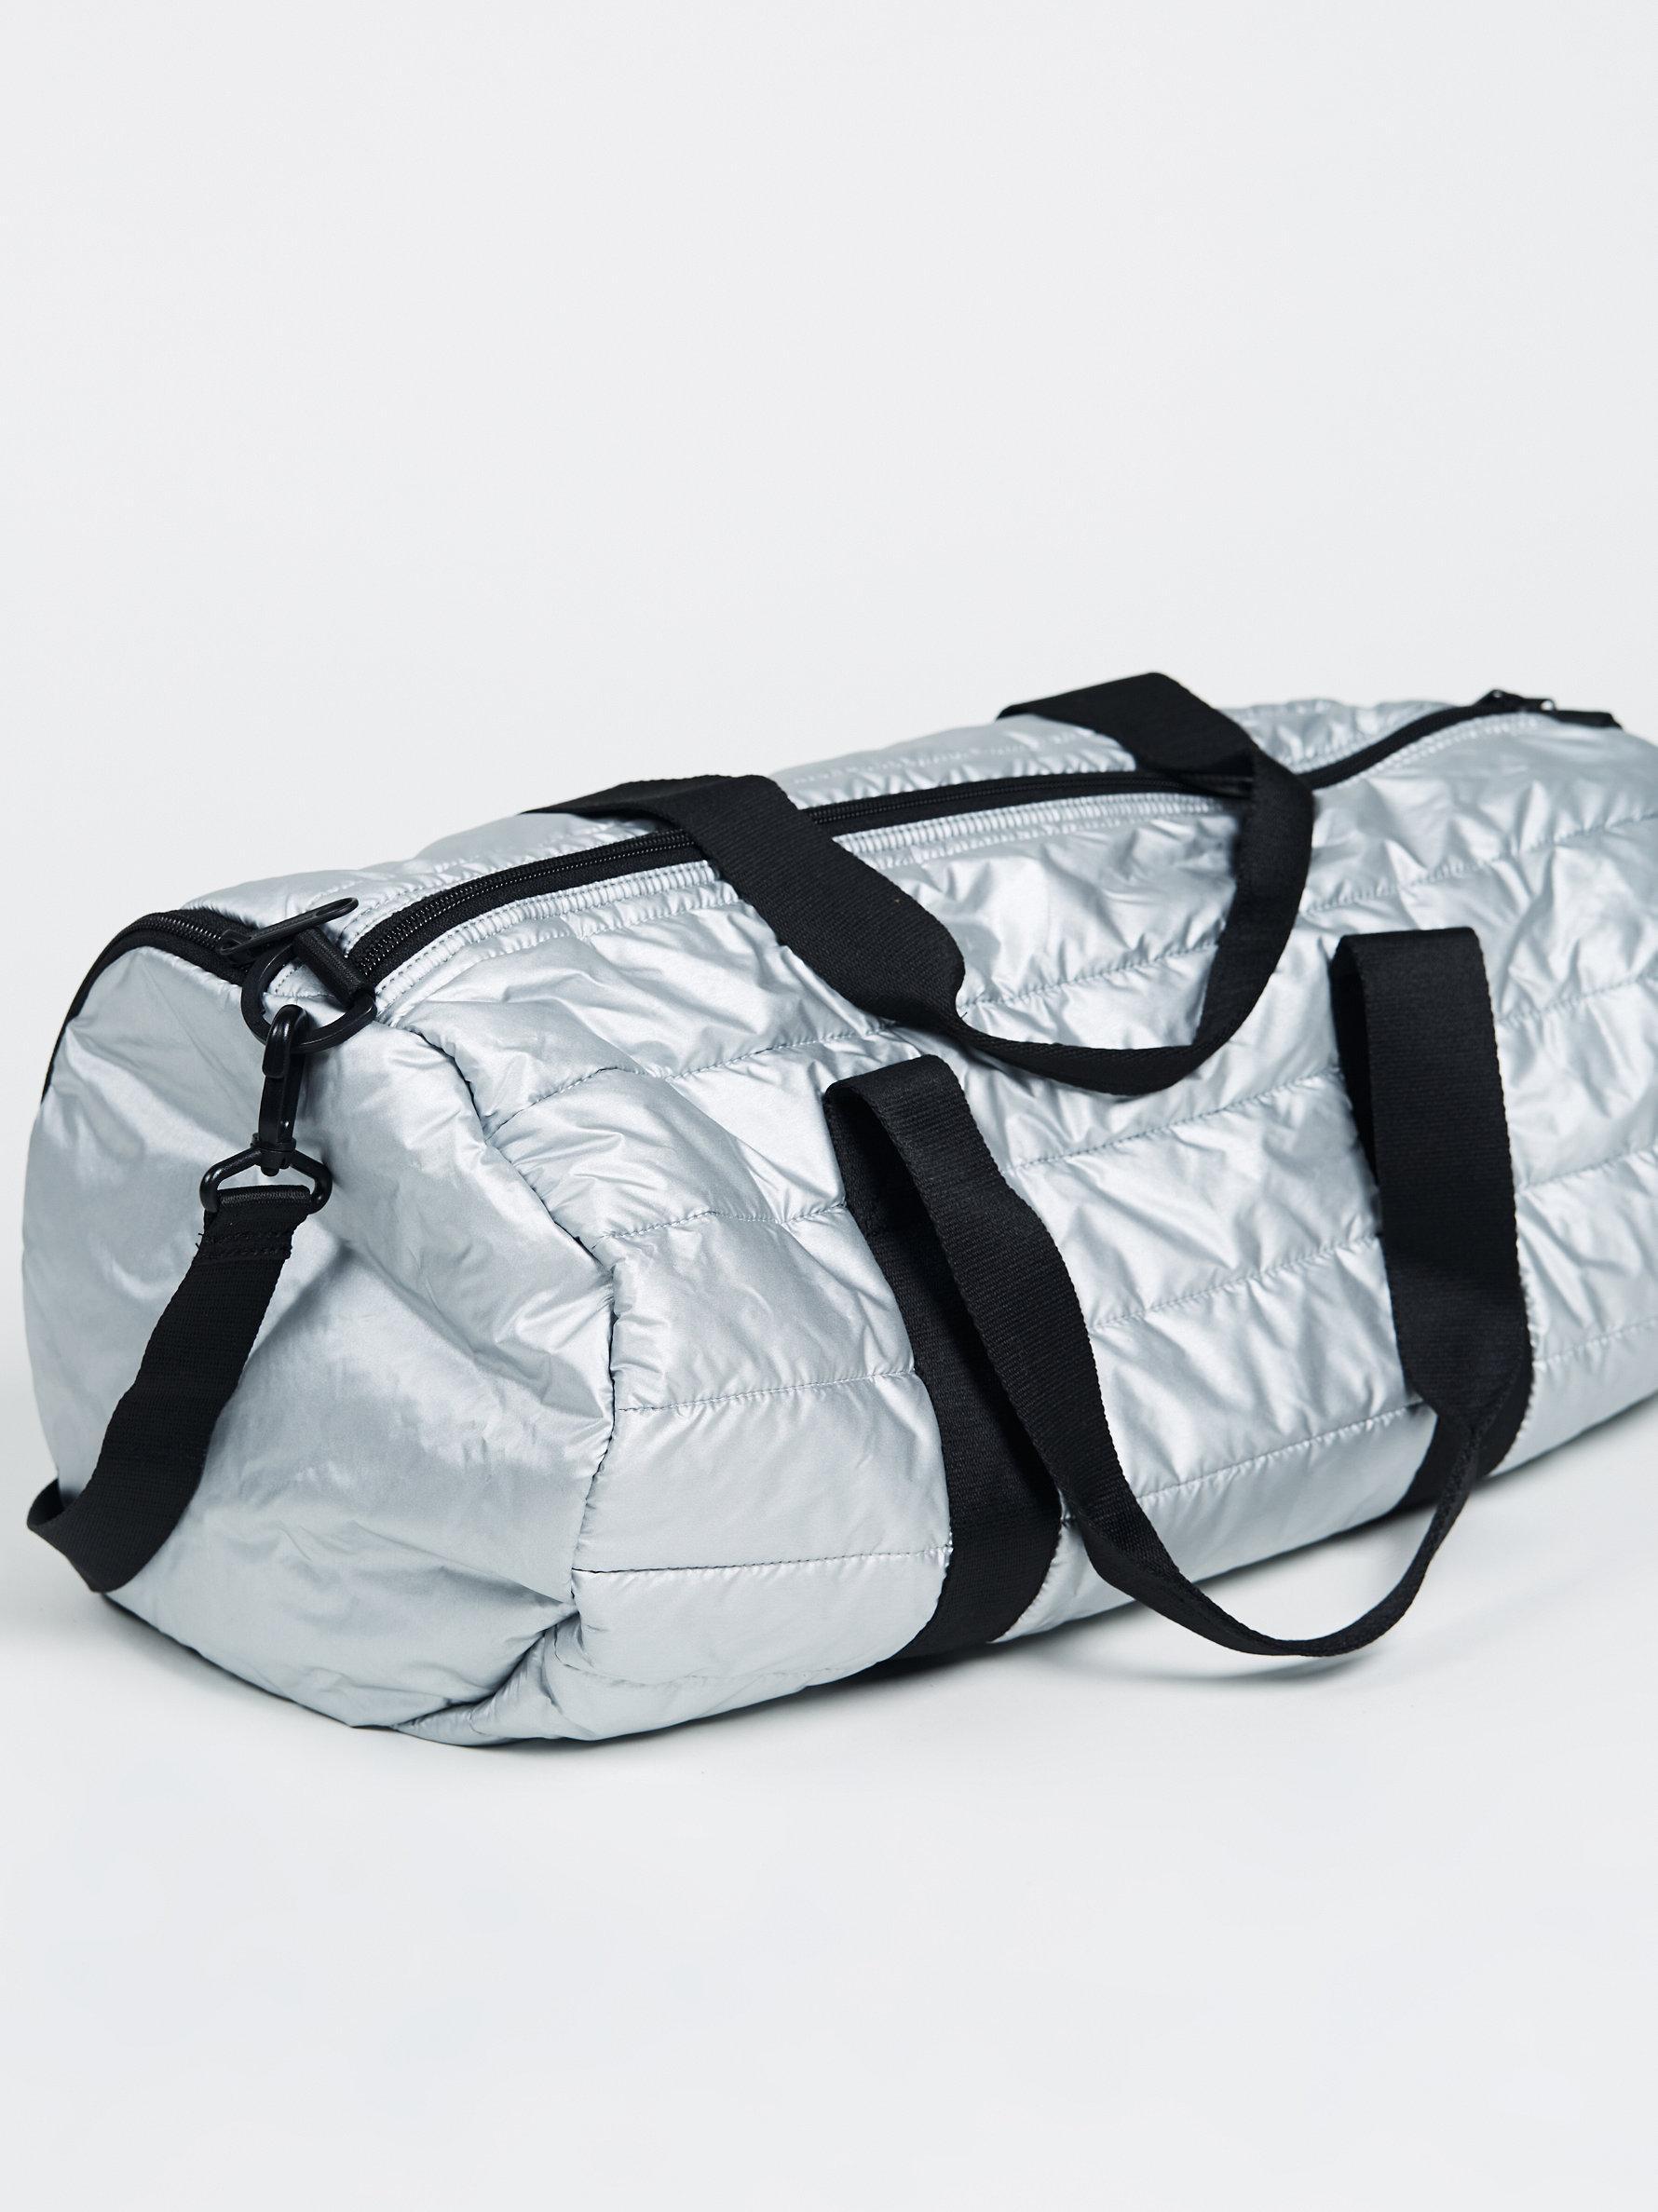 88c3fec88a Lyst - Free People Converse Packable Duffel in Metallic